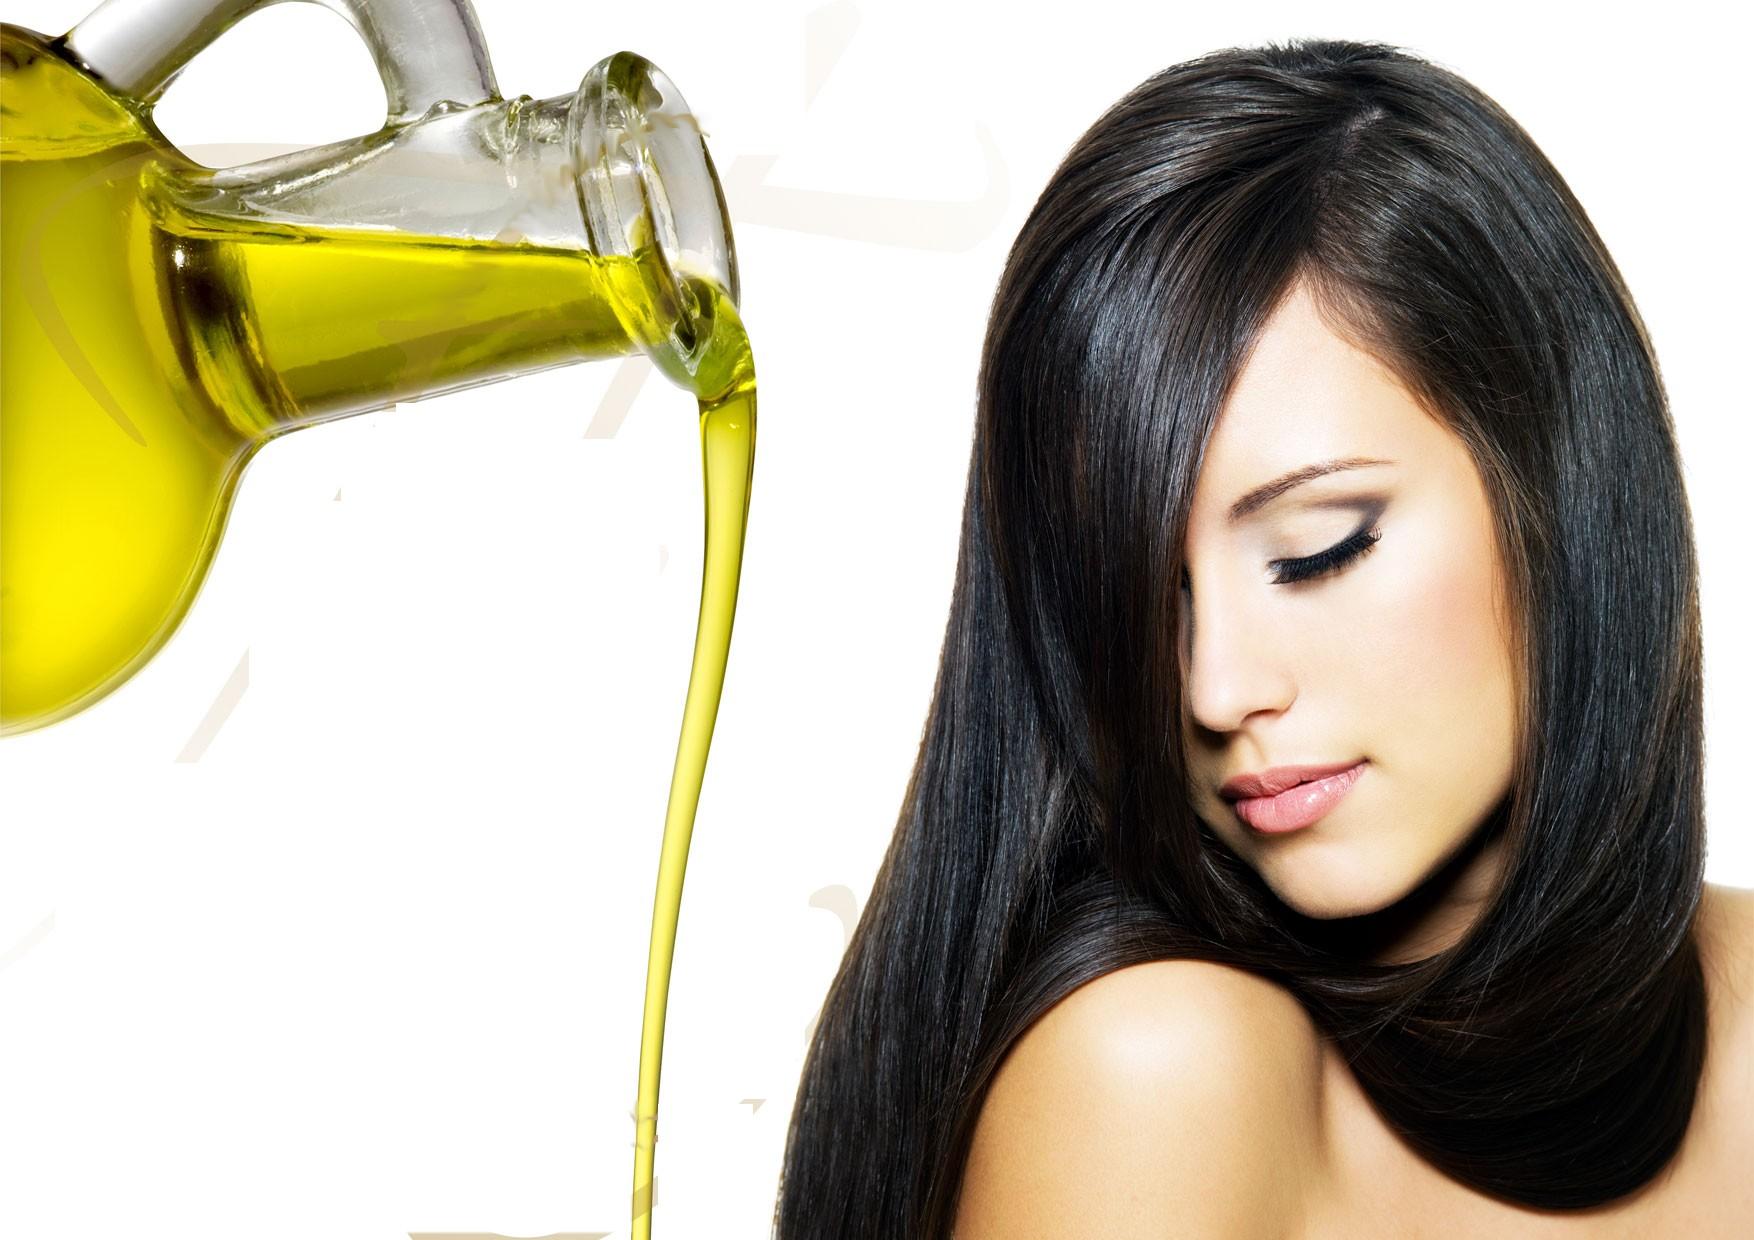 صورة زيت الزيتون للشعر , فوائد زيت الزيتون للشعر الخفيف